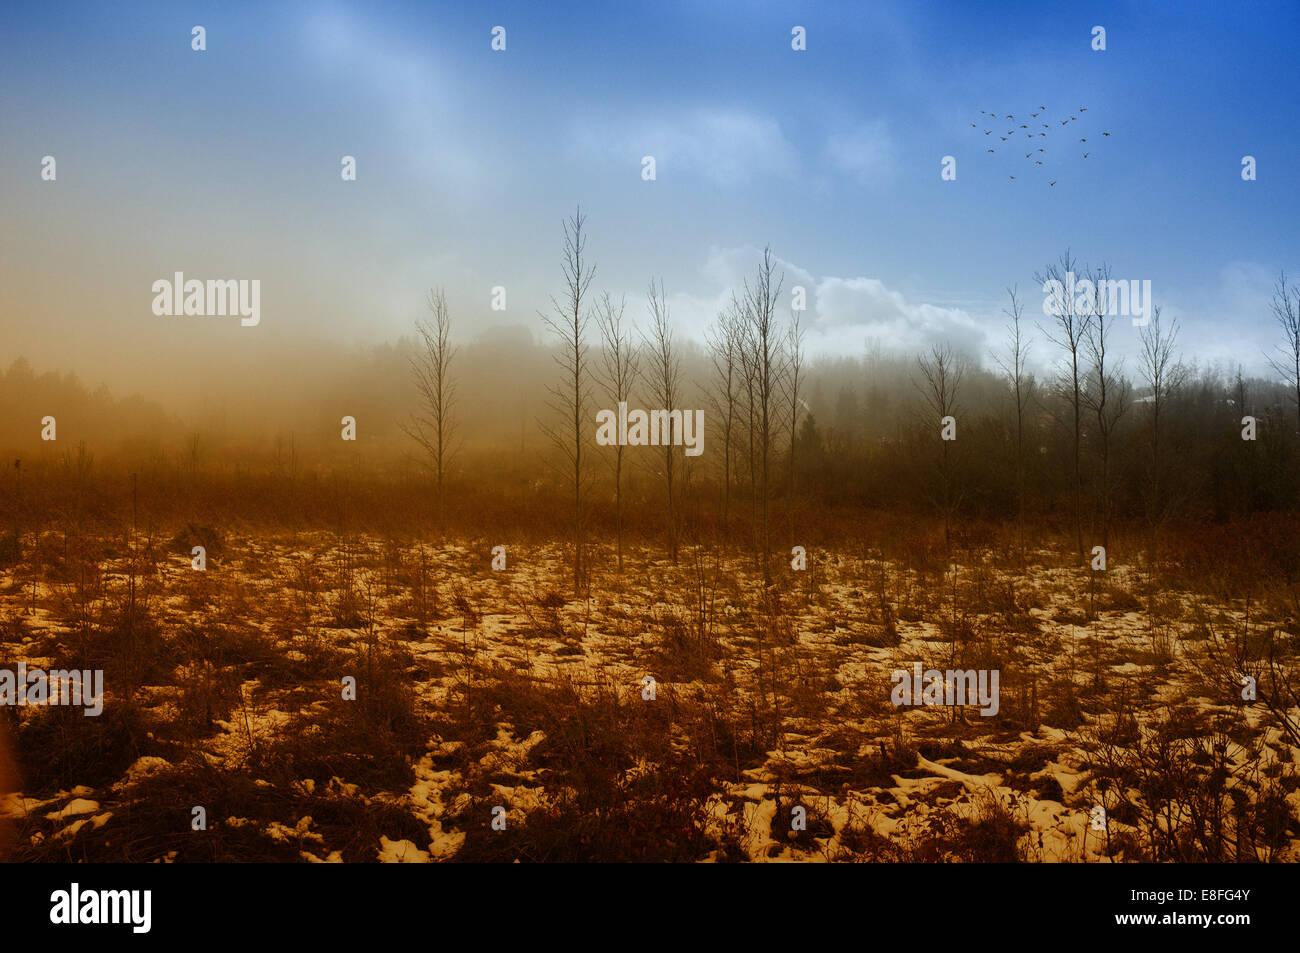 Ländlichen Bereich Landschaft im winter Stockbild